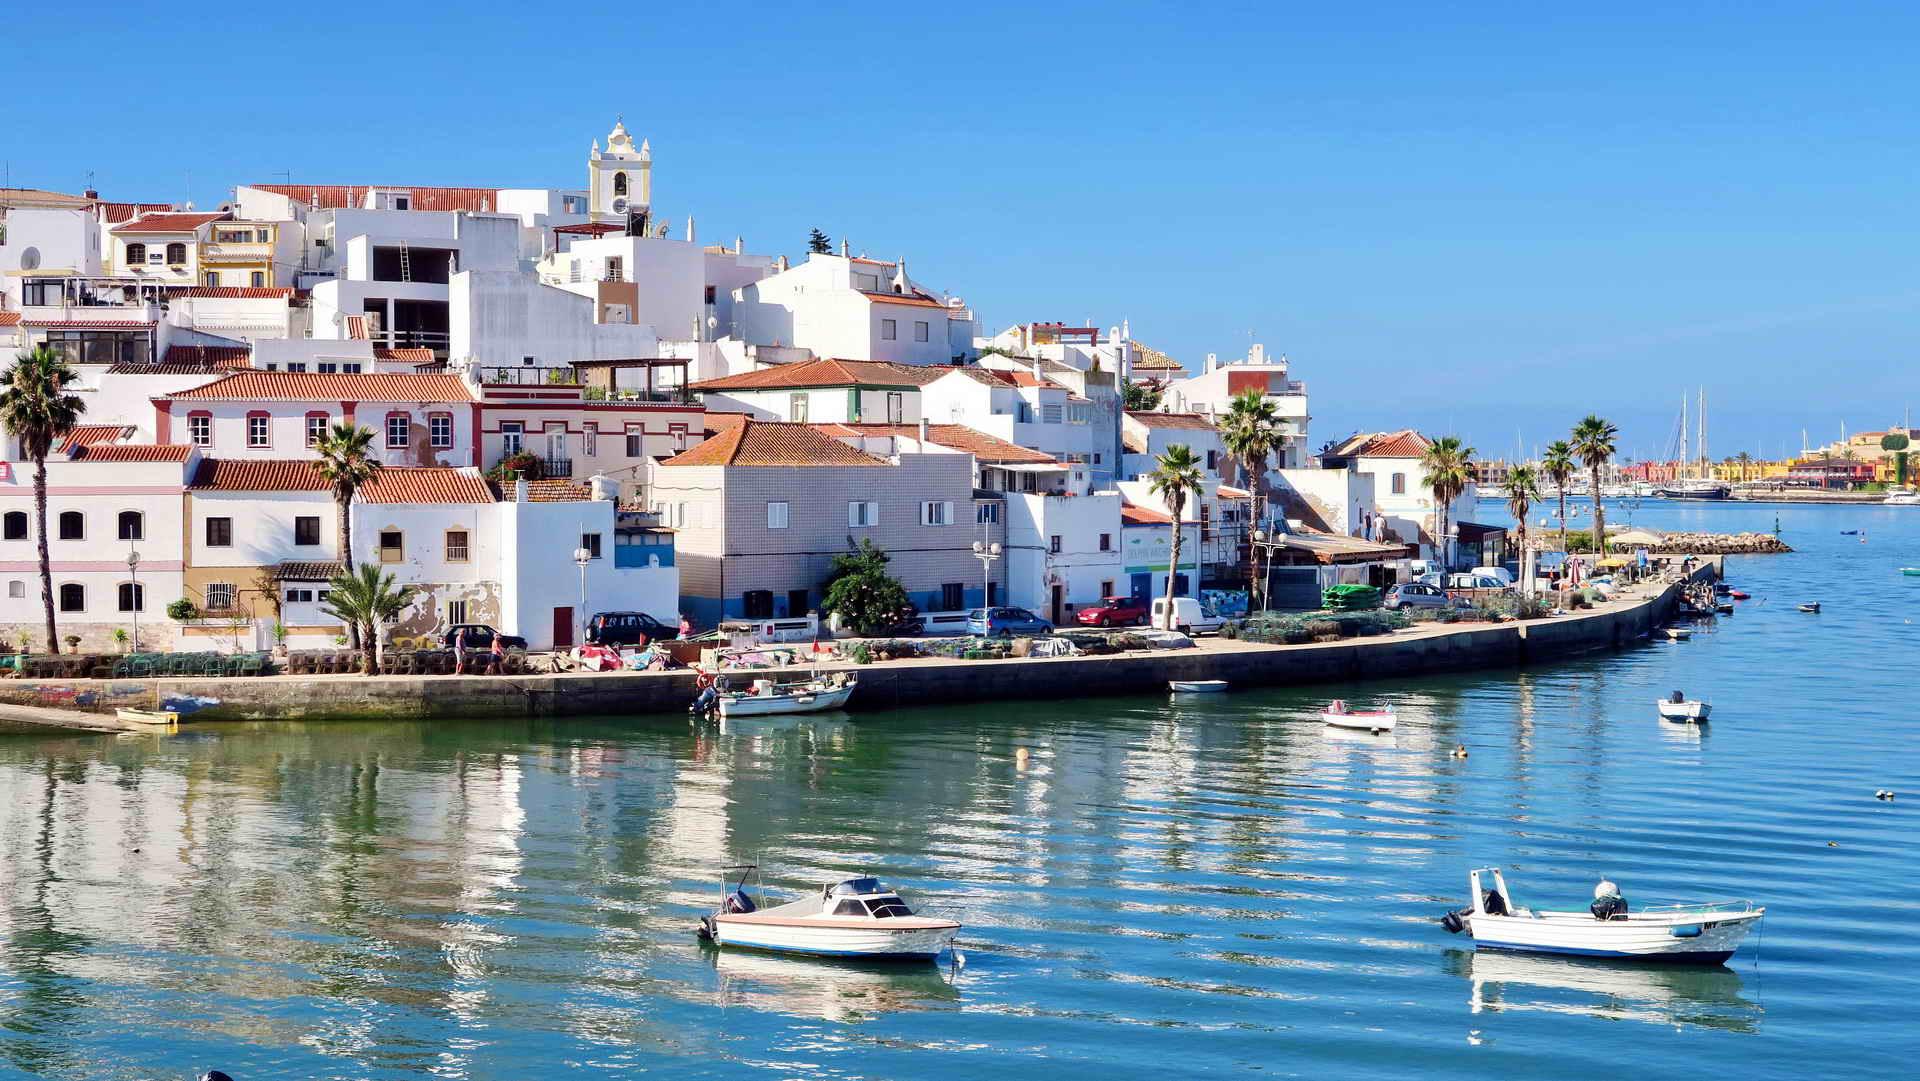 Algarve nổi tiếng với những ngôi làng phủ màu trắng bình yên